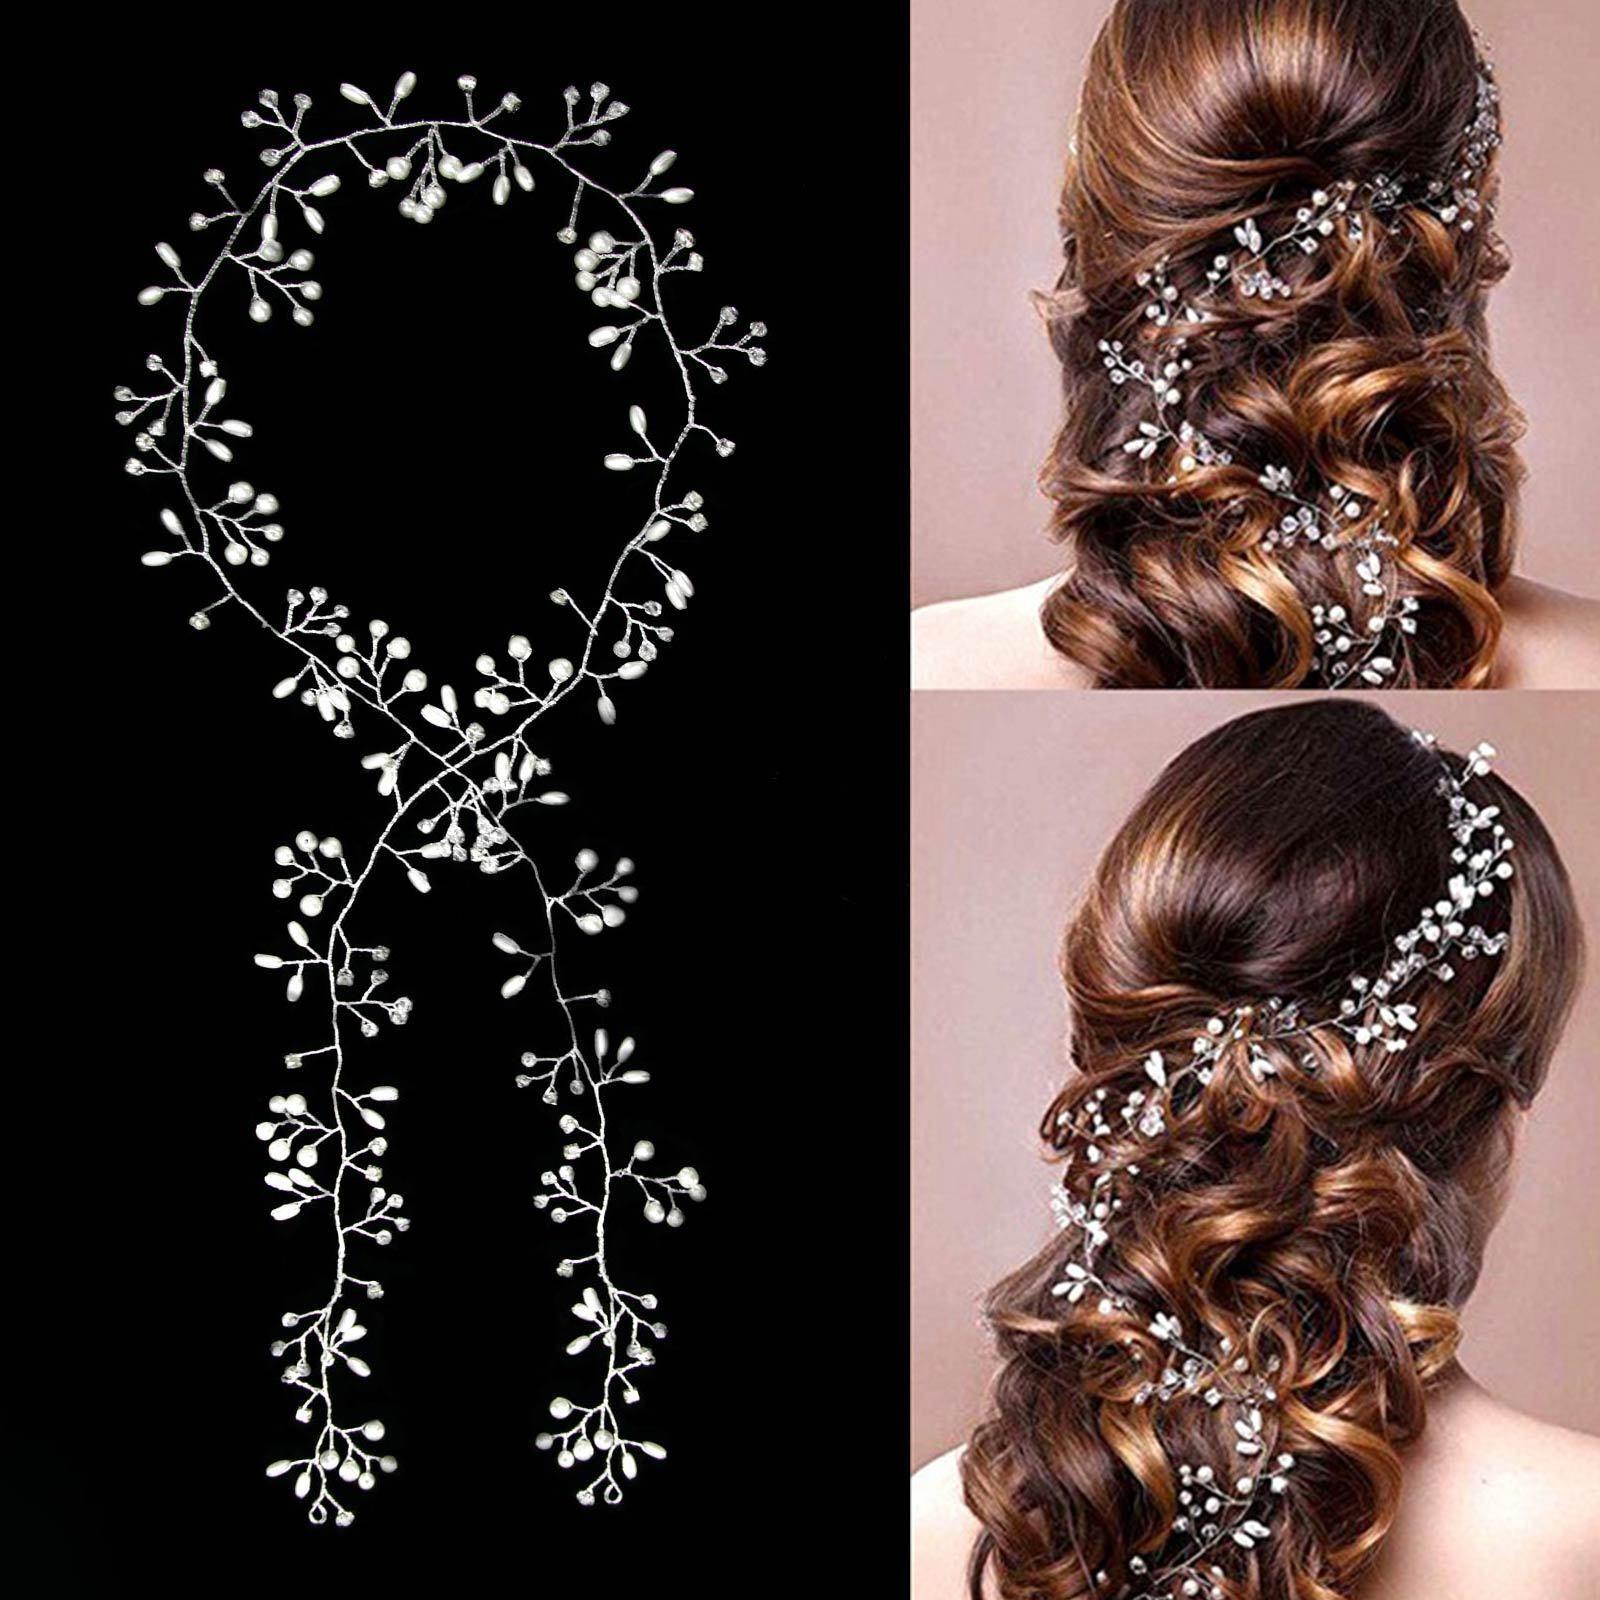 Braut haarschmuck mit perlen  1M Haarkette Hochzeit Perlen Haarschmuck Kette Haarband Braut ...